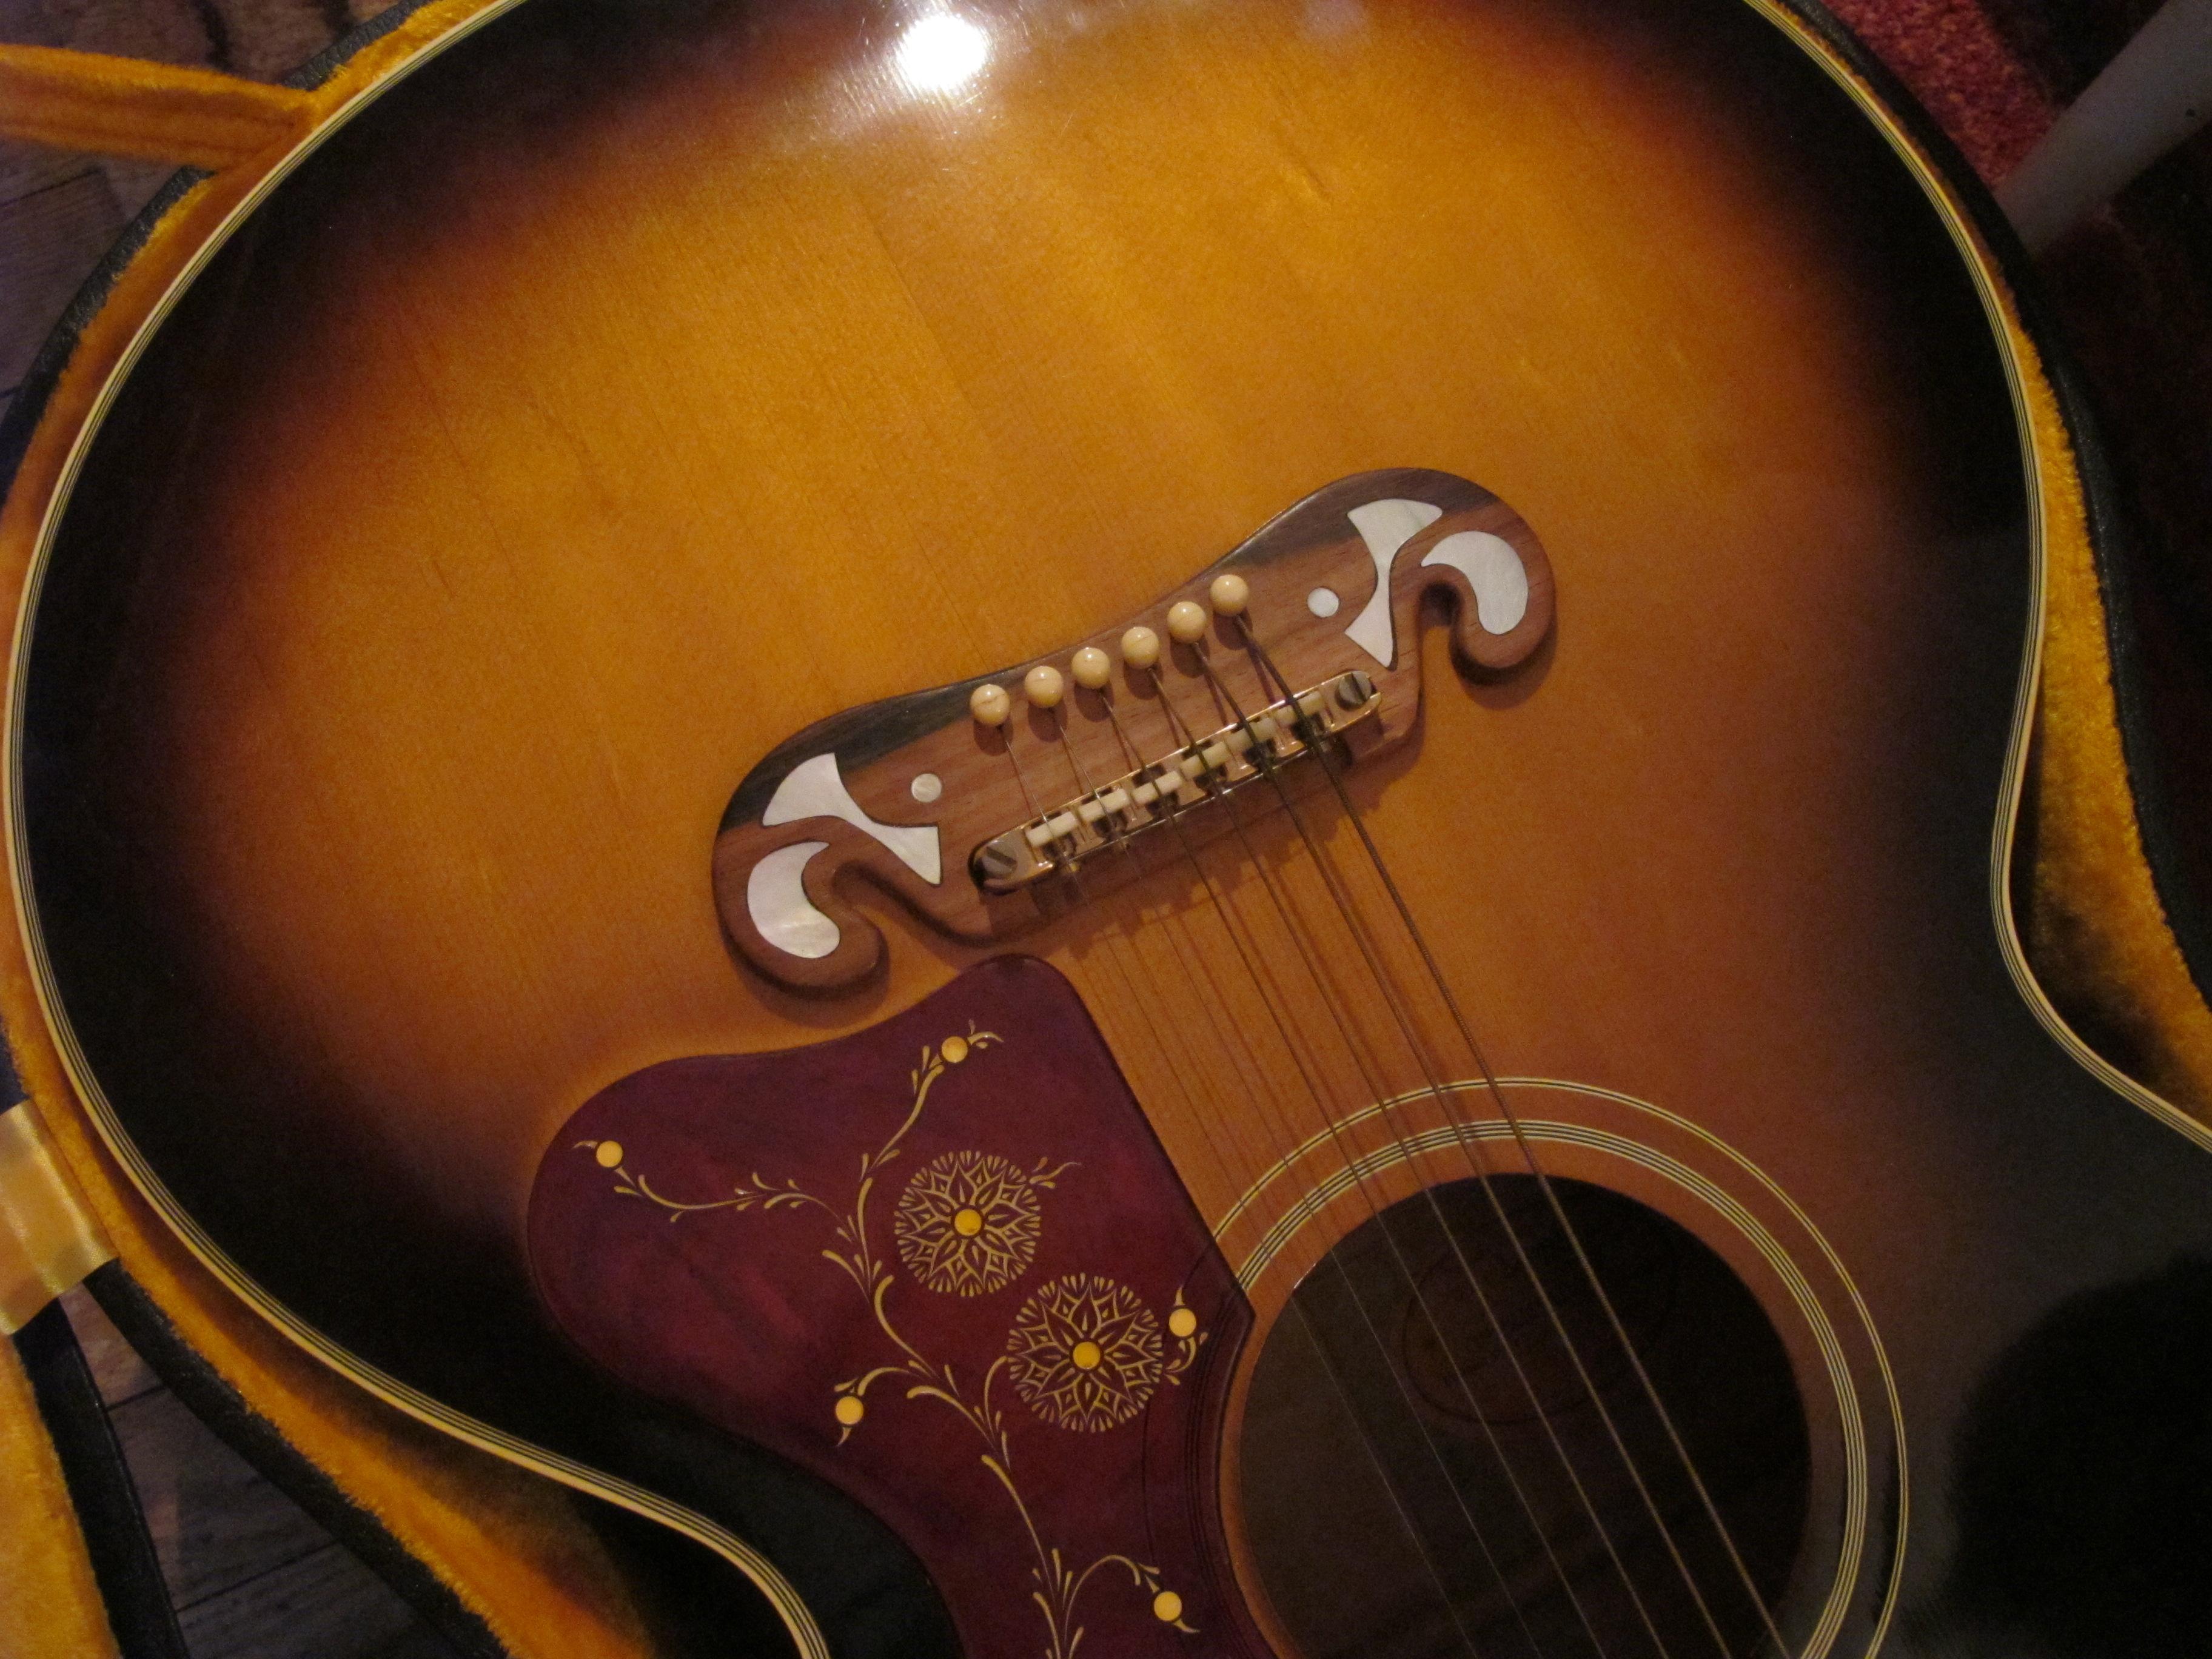 File:1964 Gibson J-200 Custom (SN 67437) bridge inlay, pristine